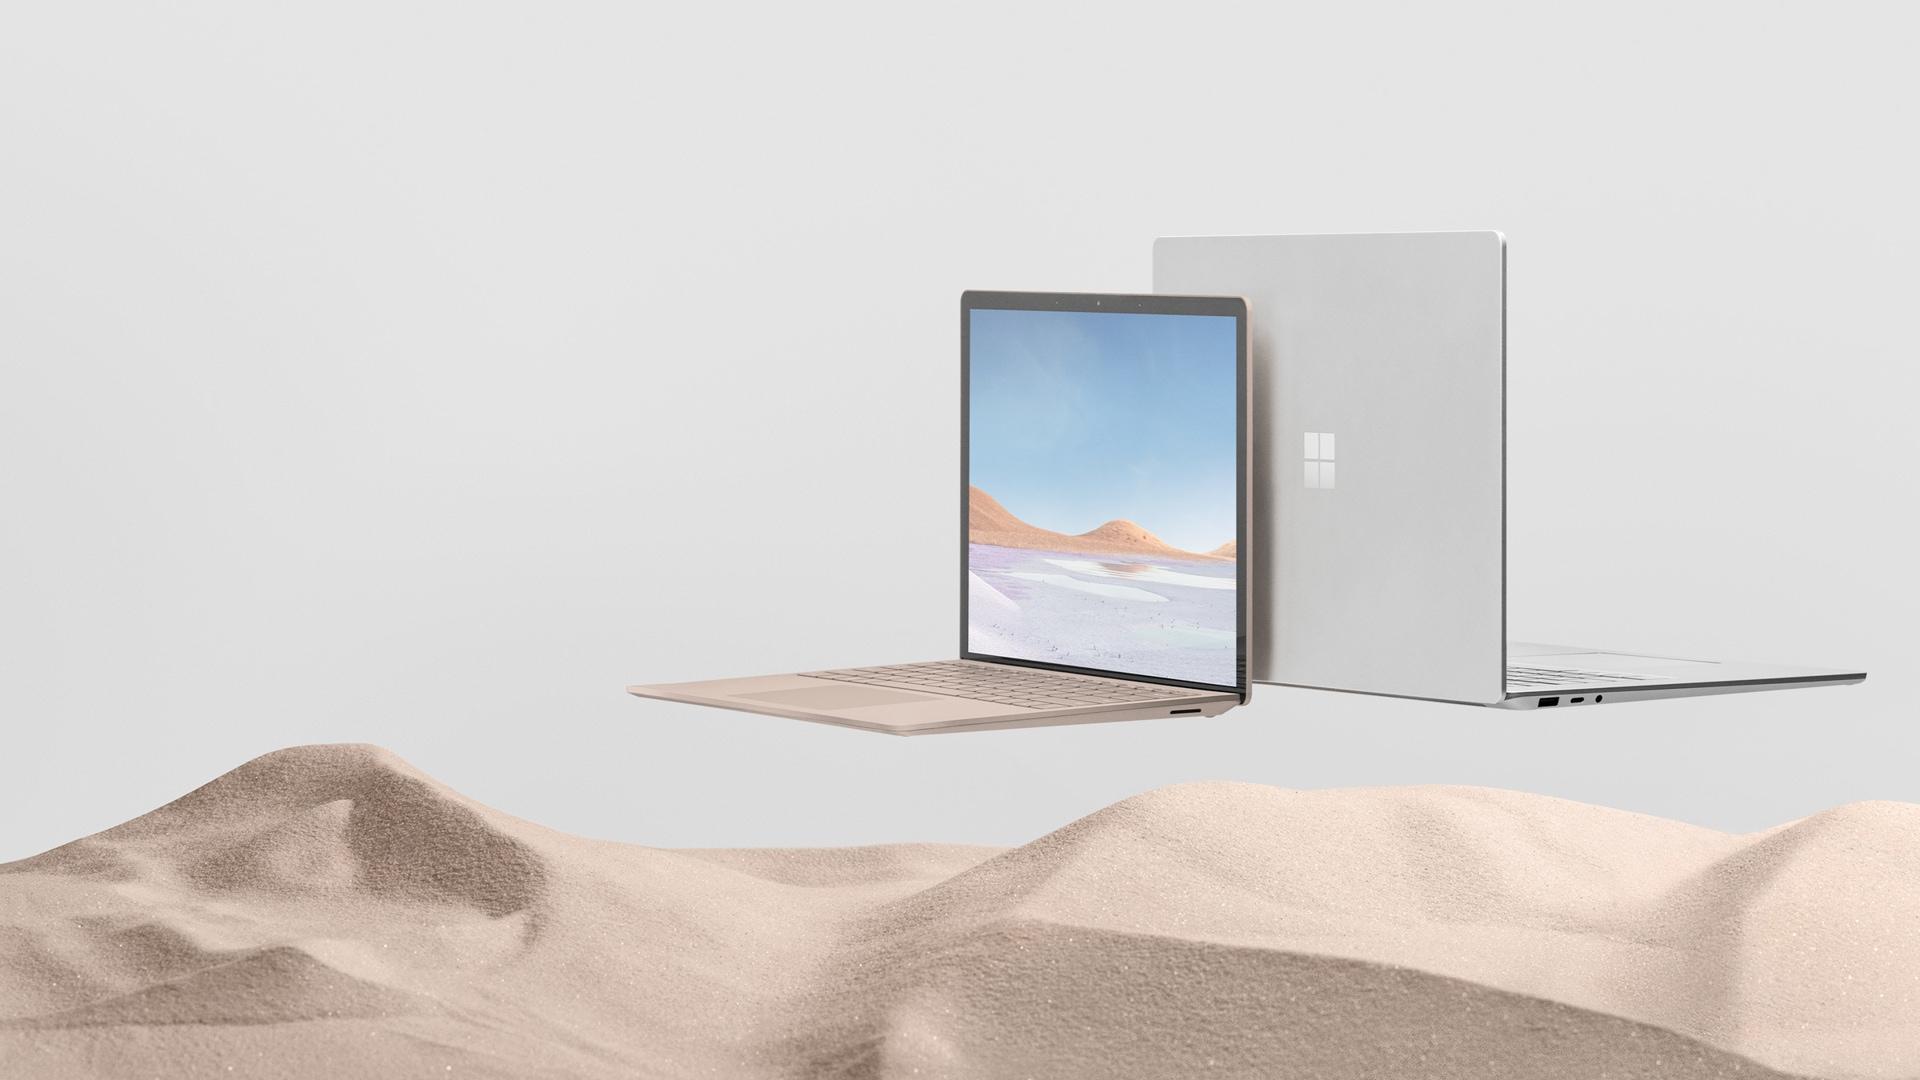 13.5 英寸砂巖金和 15 英寸亮鉑金中的 Surface Laptop 3